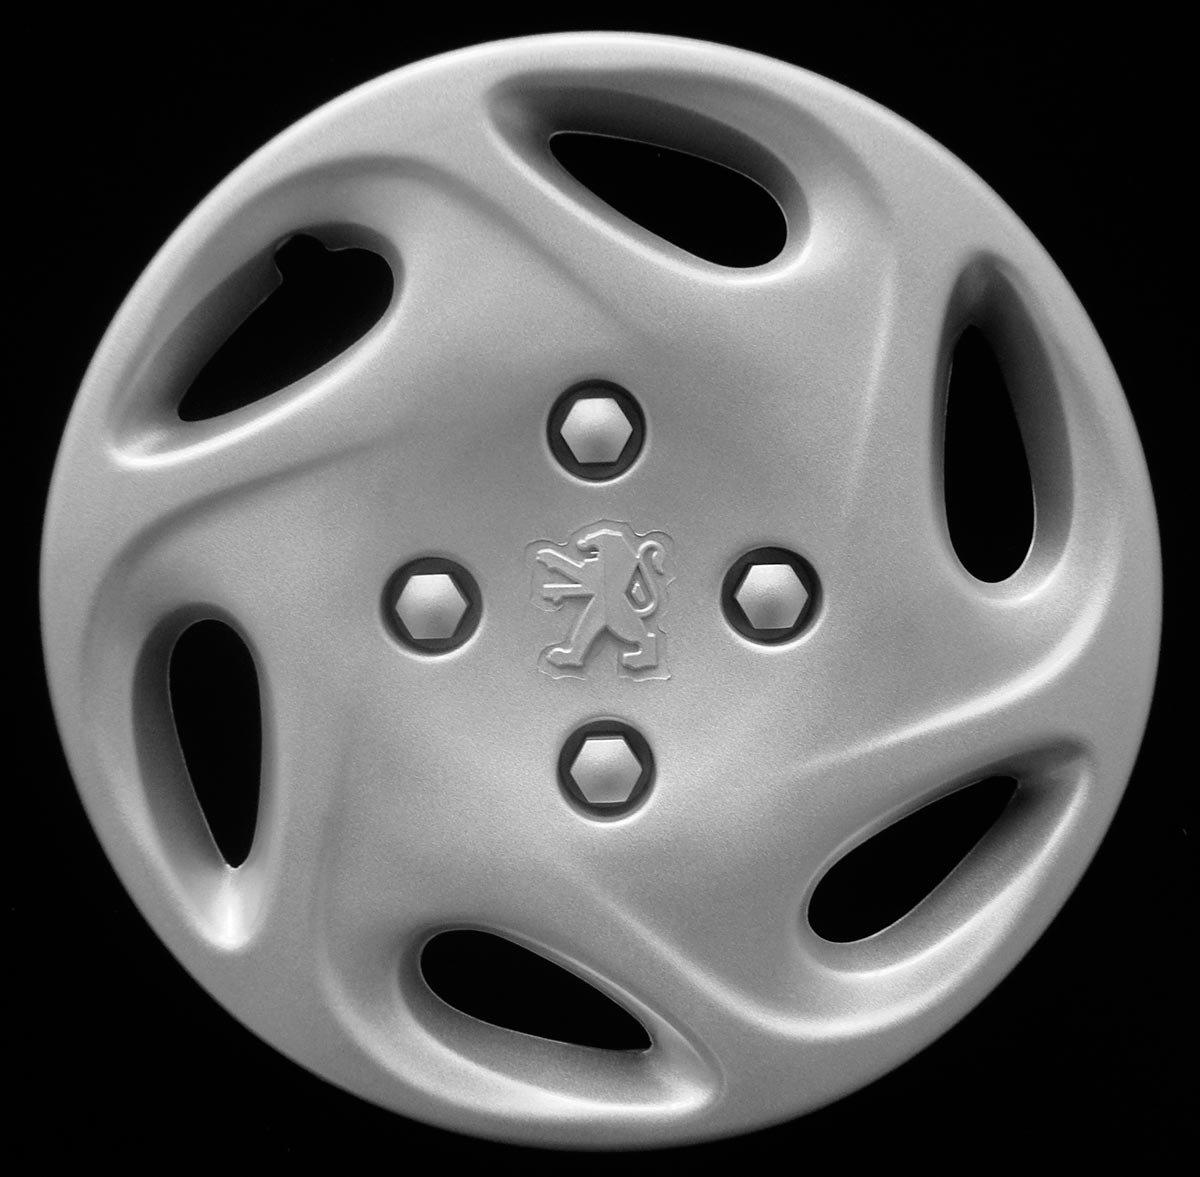 Juego de 4 Tapacubos de 13 pulgadas, para Peugeot 206 desde 1998, no originales (número de parte 9349): Amazon.es: Coche y moto